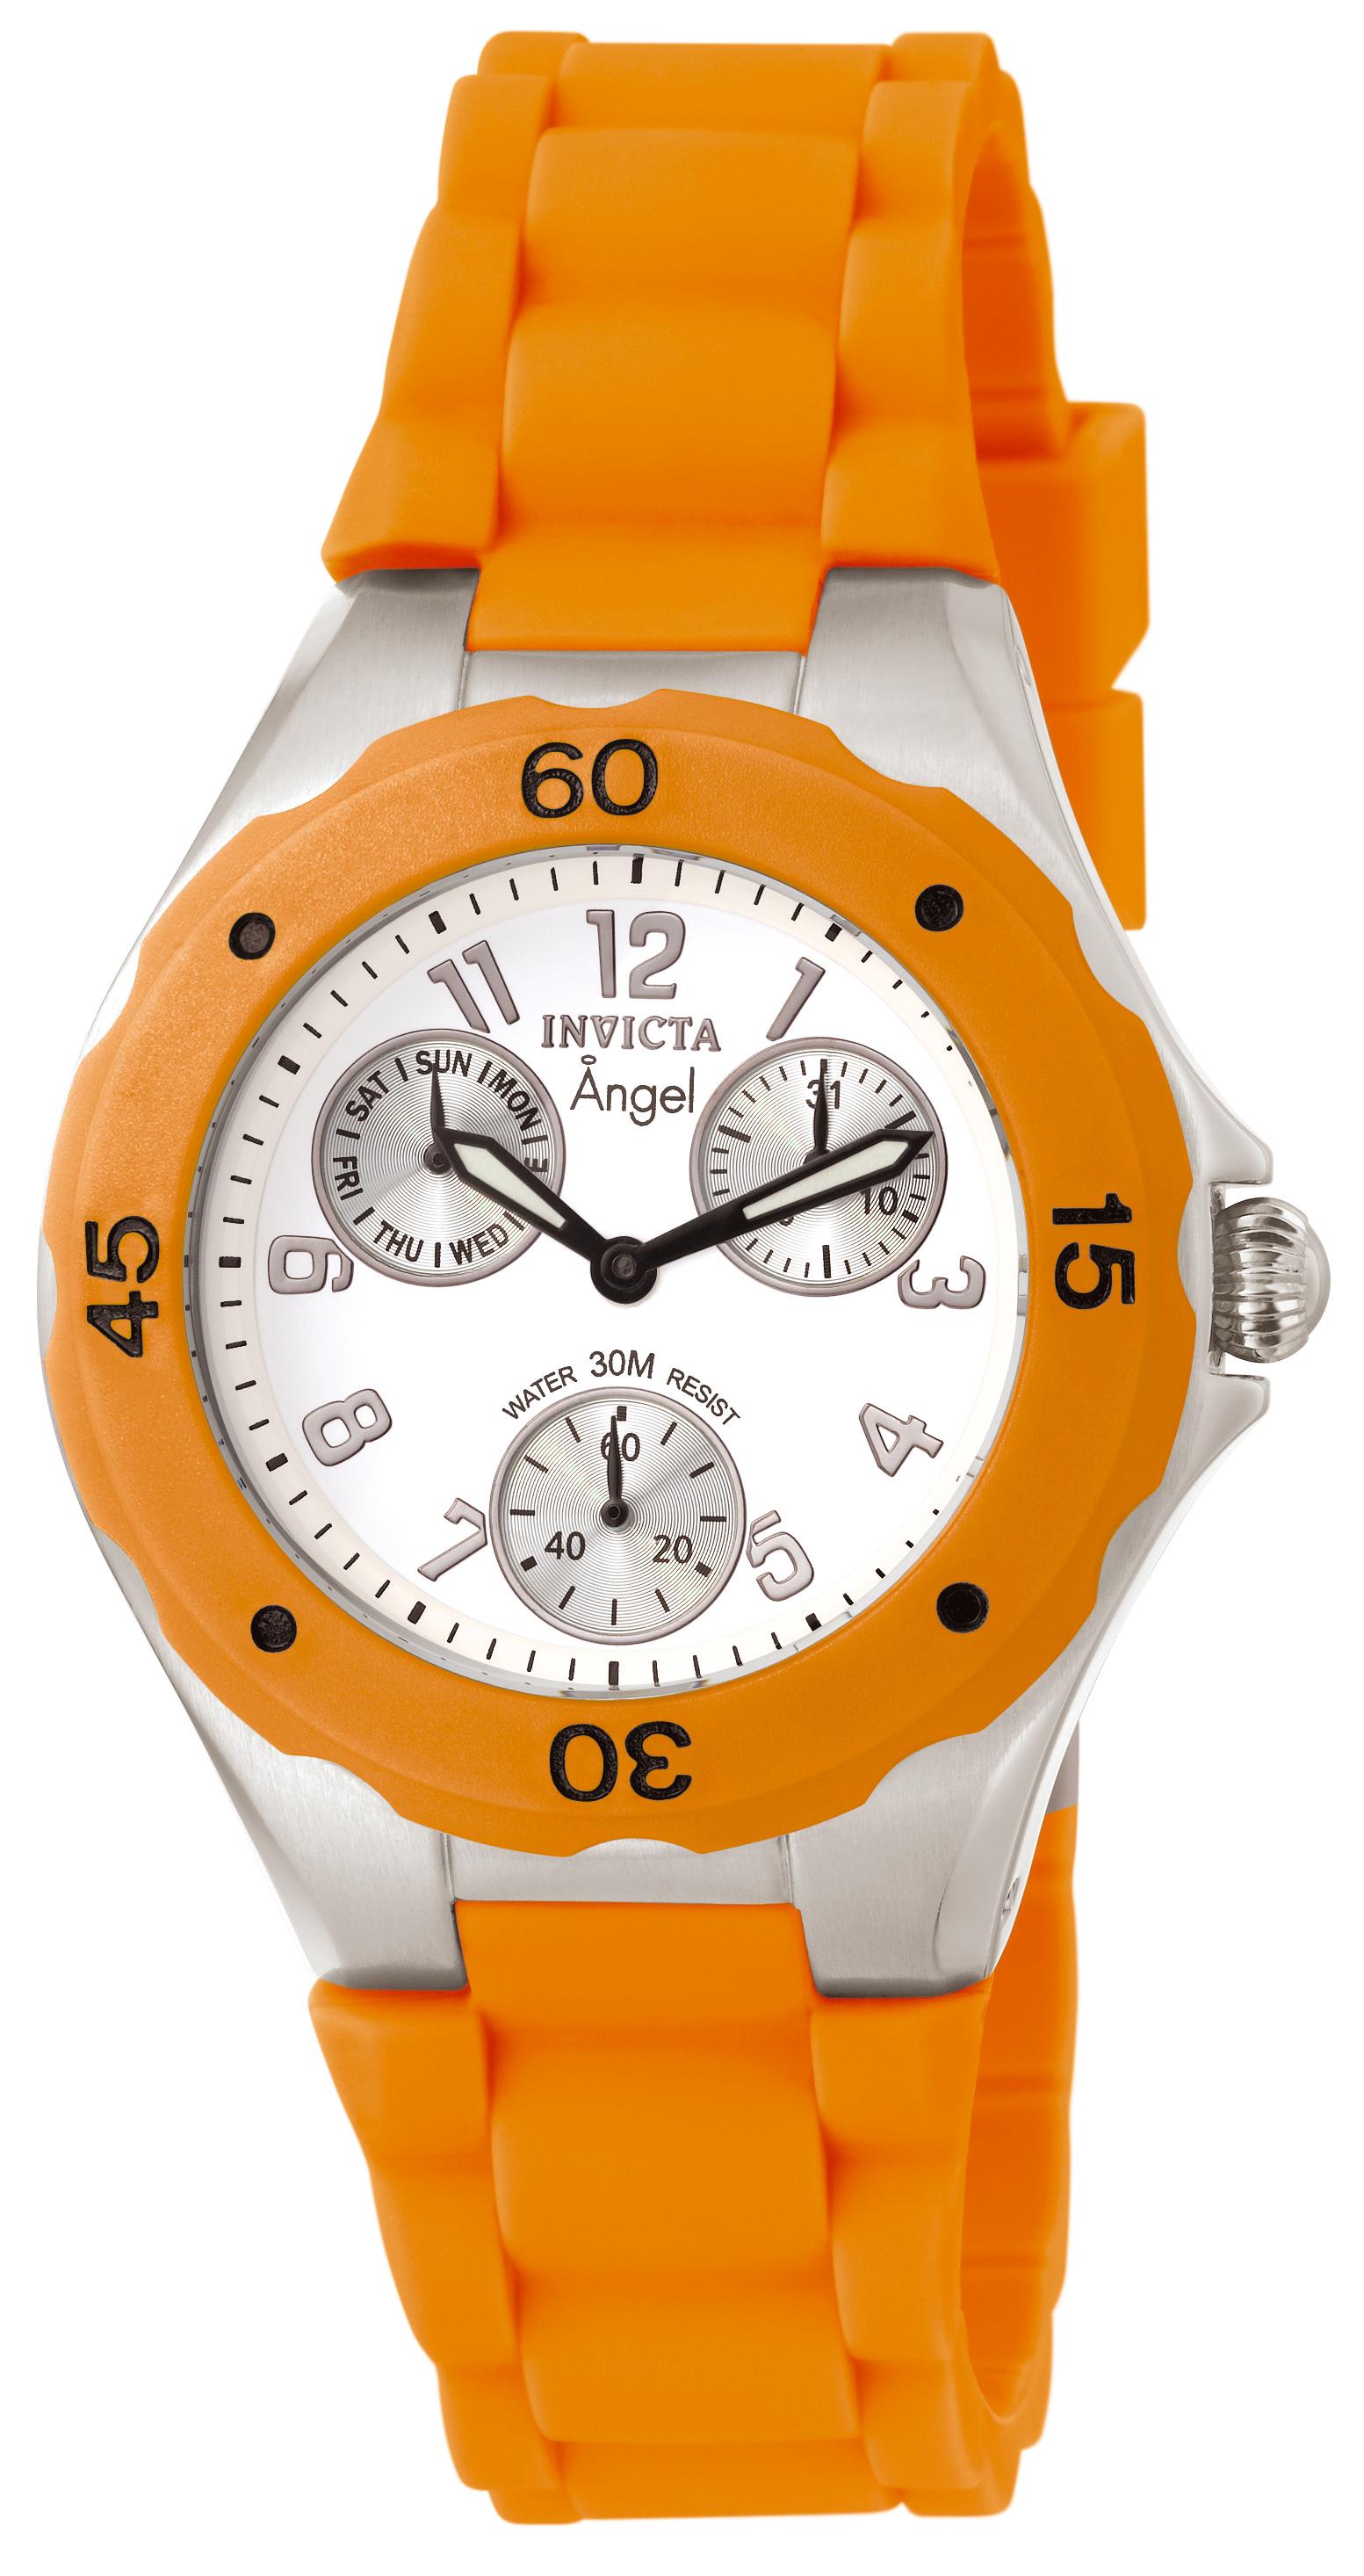 Dámské hodinky Invicta Angel Jelly Fish 0696